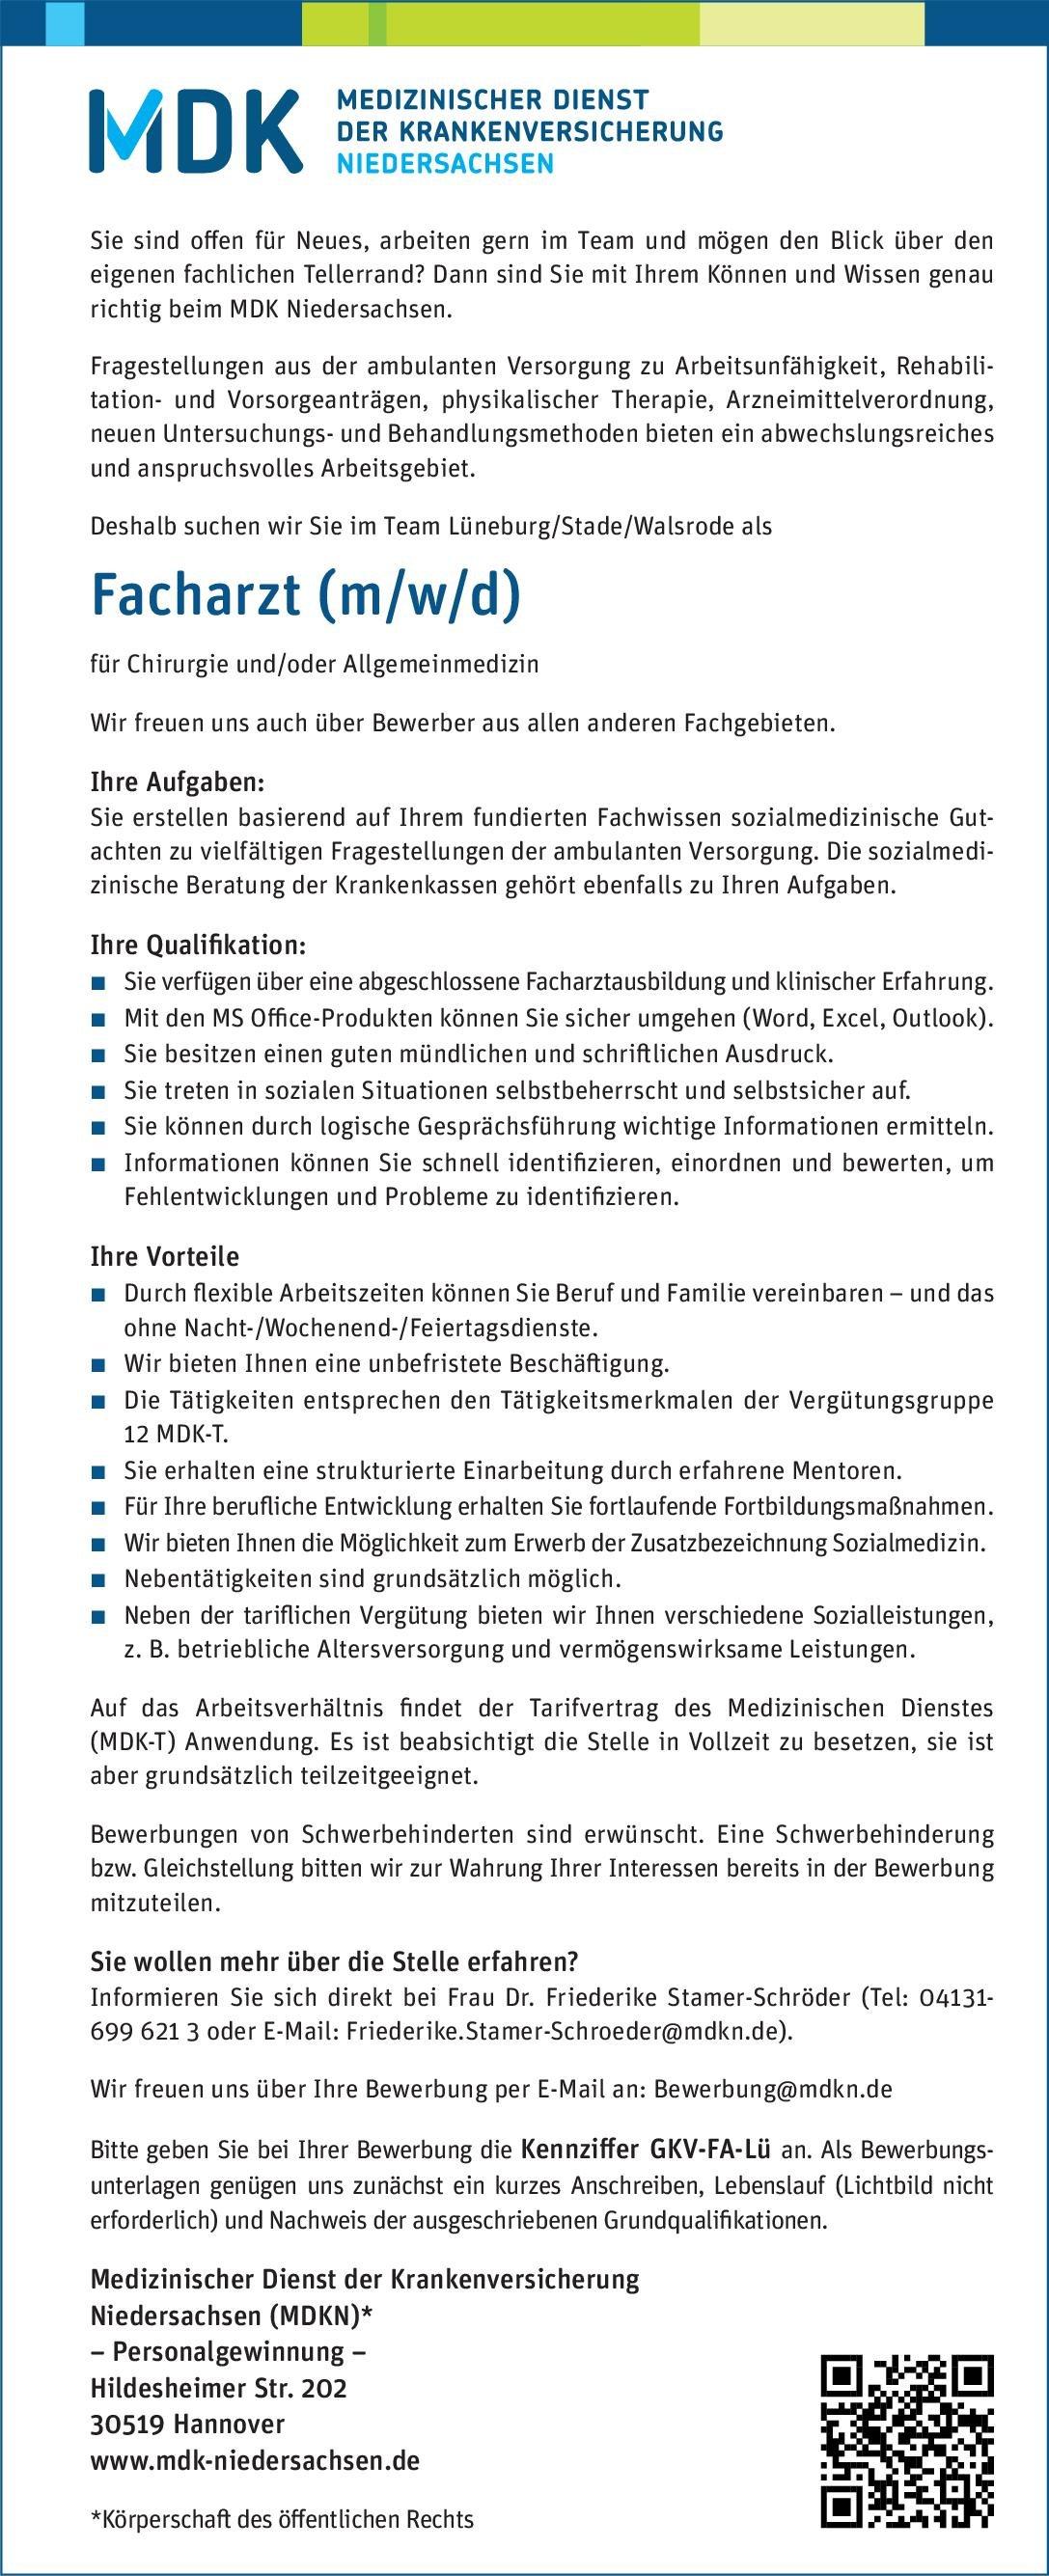 Medizinischer Dienst der Krankenversicherung Niedersachsen (MDKN) Facharzt (m/w/d) für Chirurgie und/oder Allgemeinmedizin  Allgemeinchirurgie, Allgemeinmedizin, Chirurgie Arzt / Facharzt